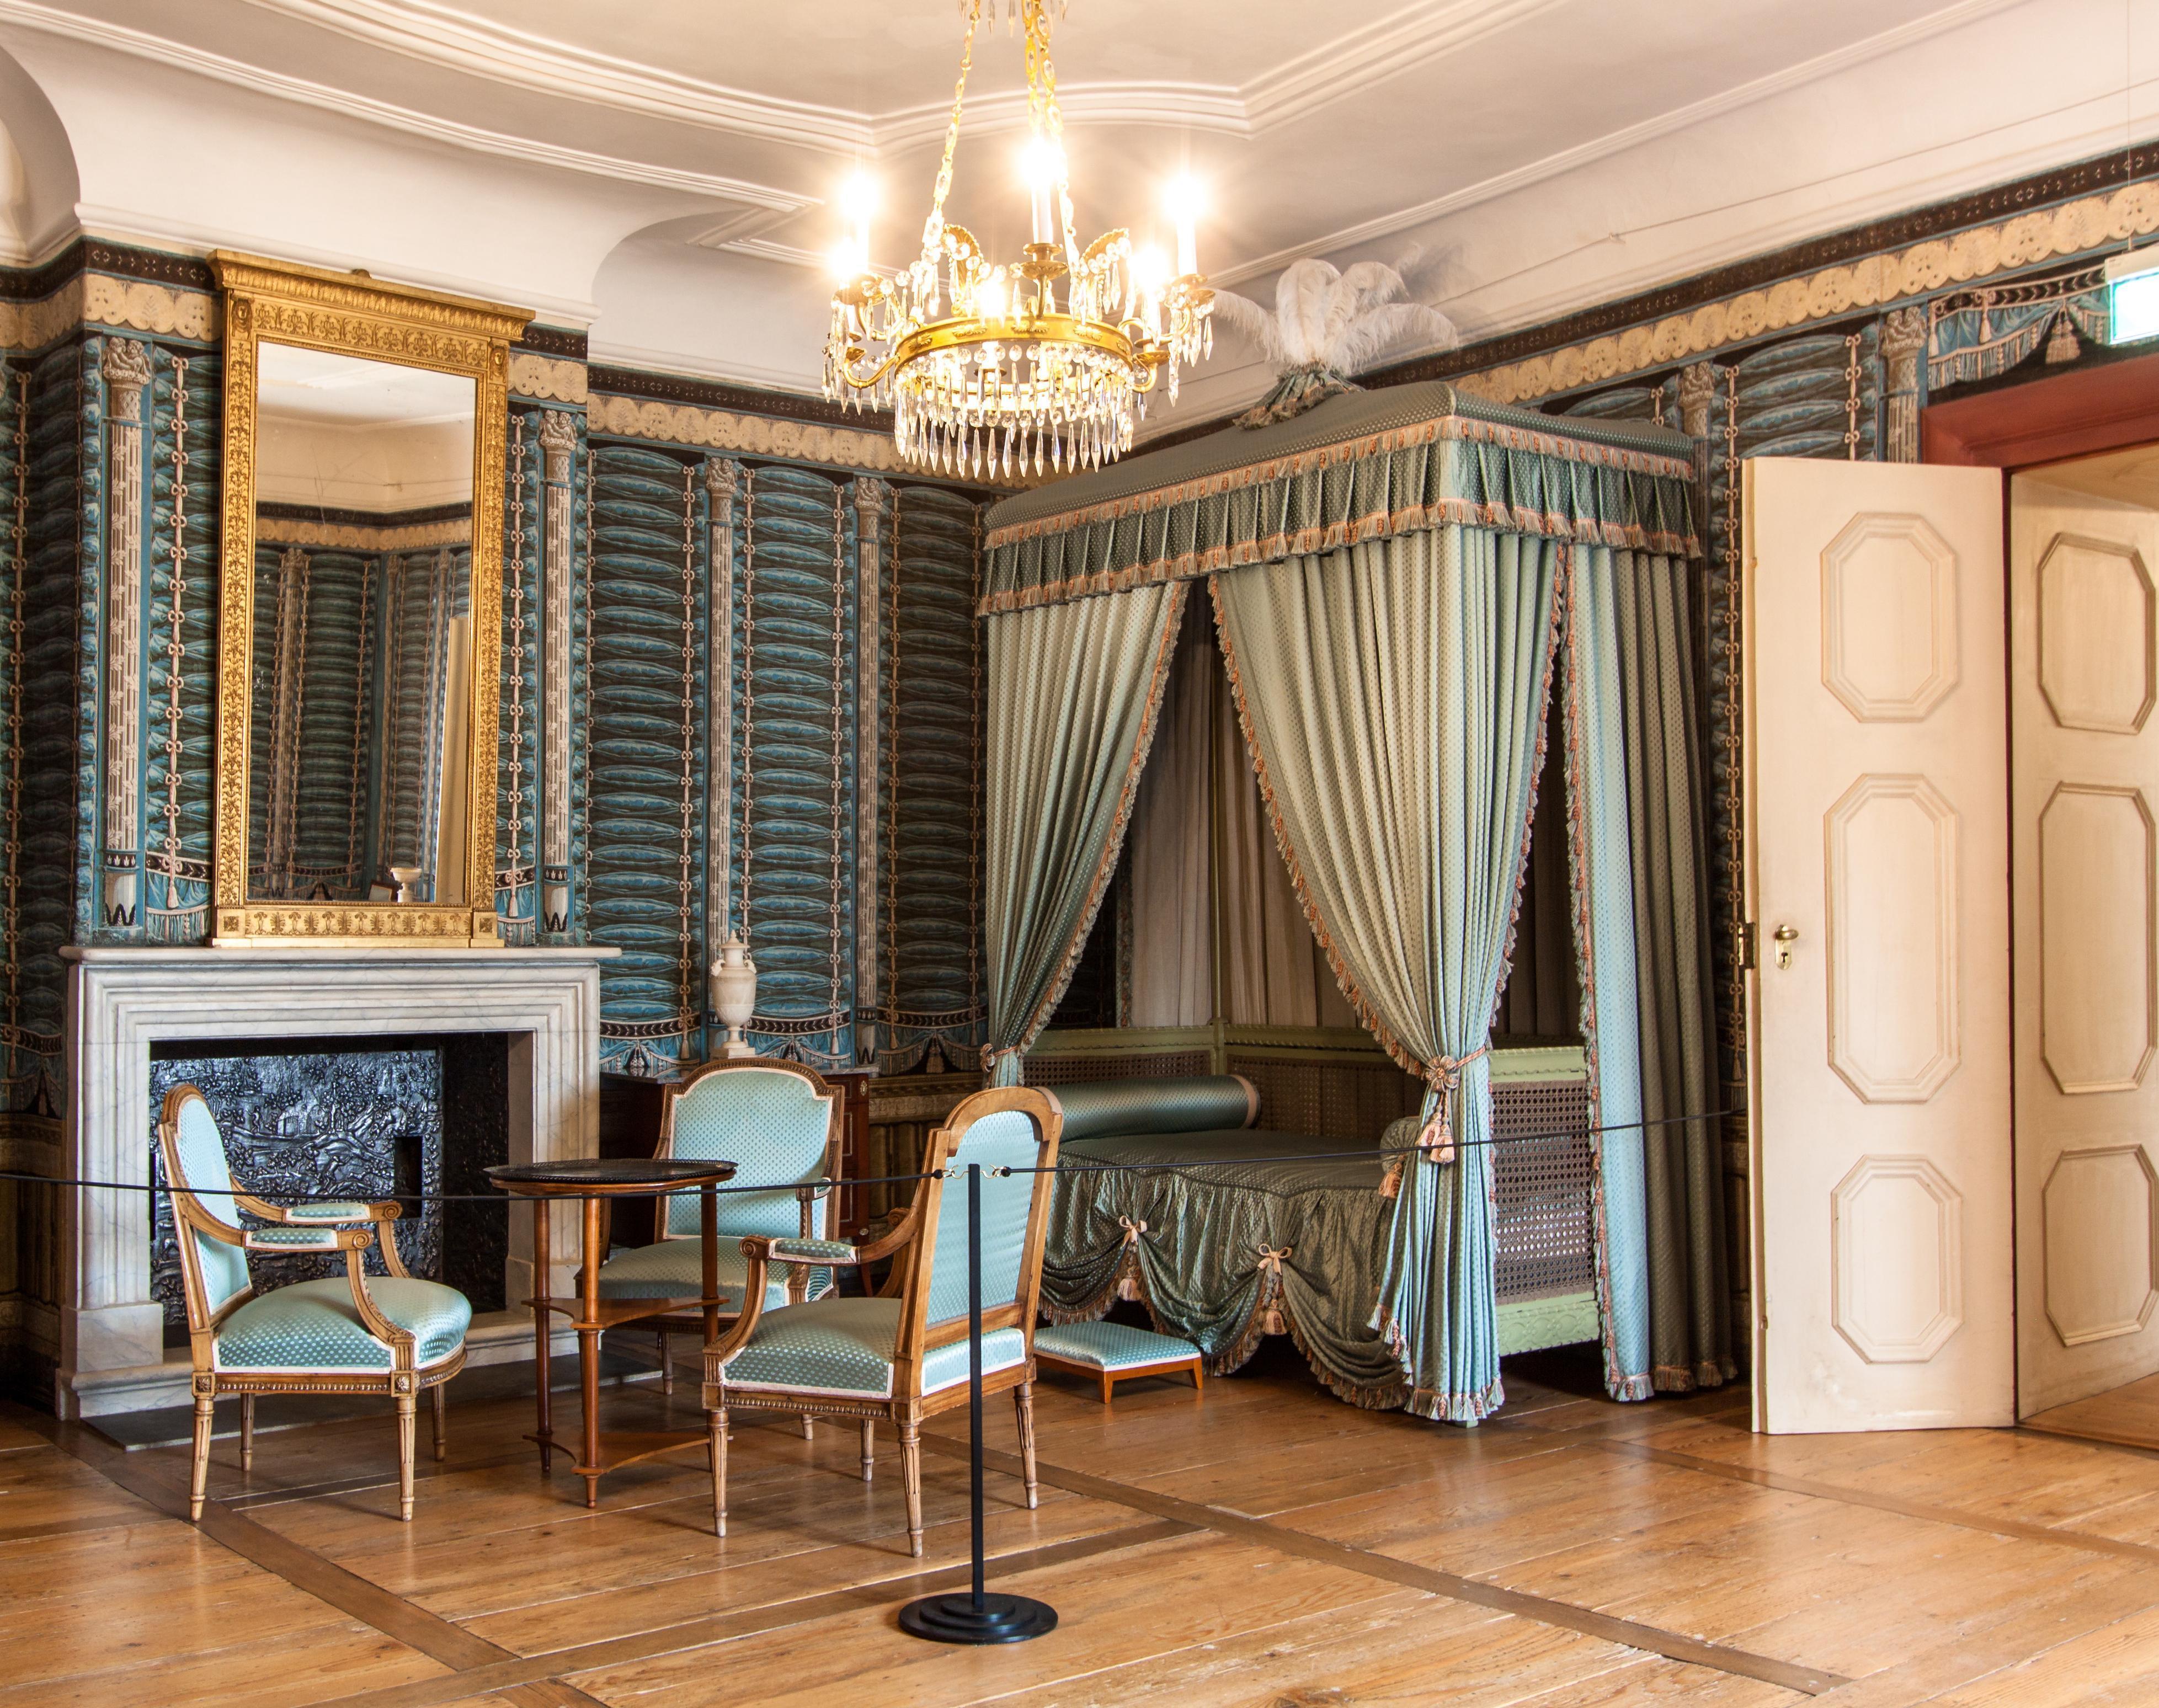 Schloss - Wohnzimmer schwetzingen ...